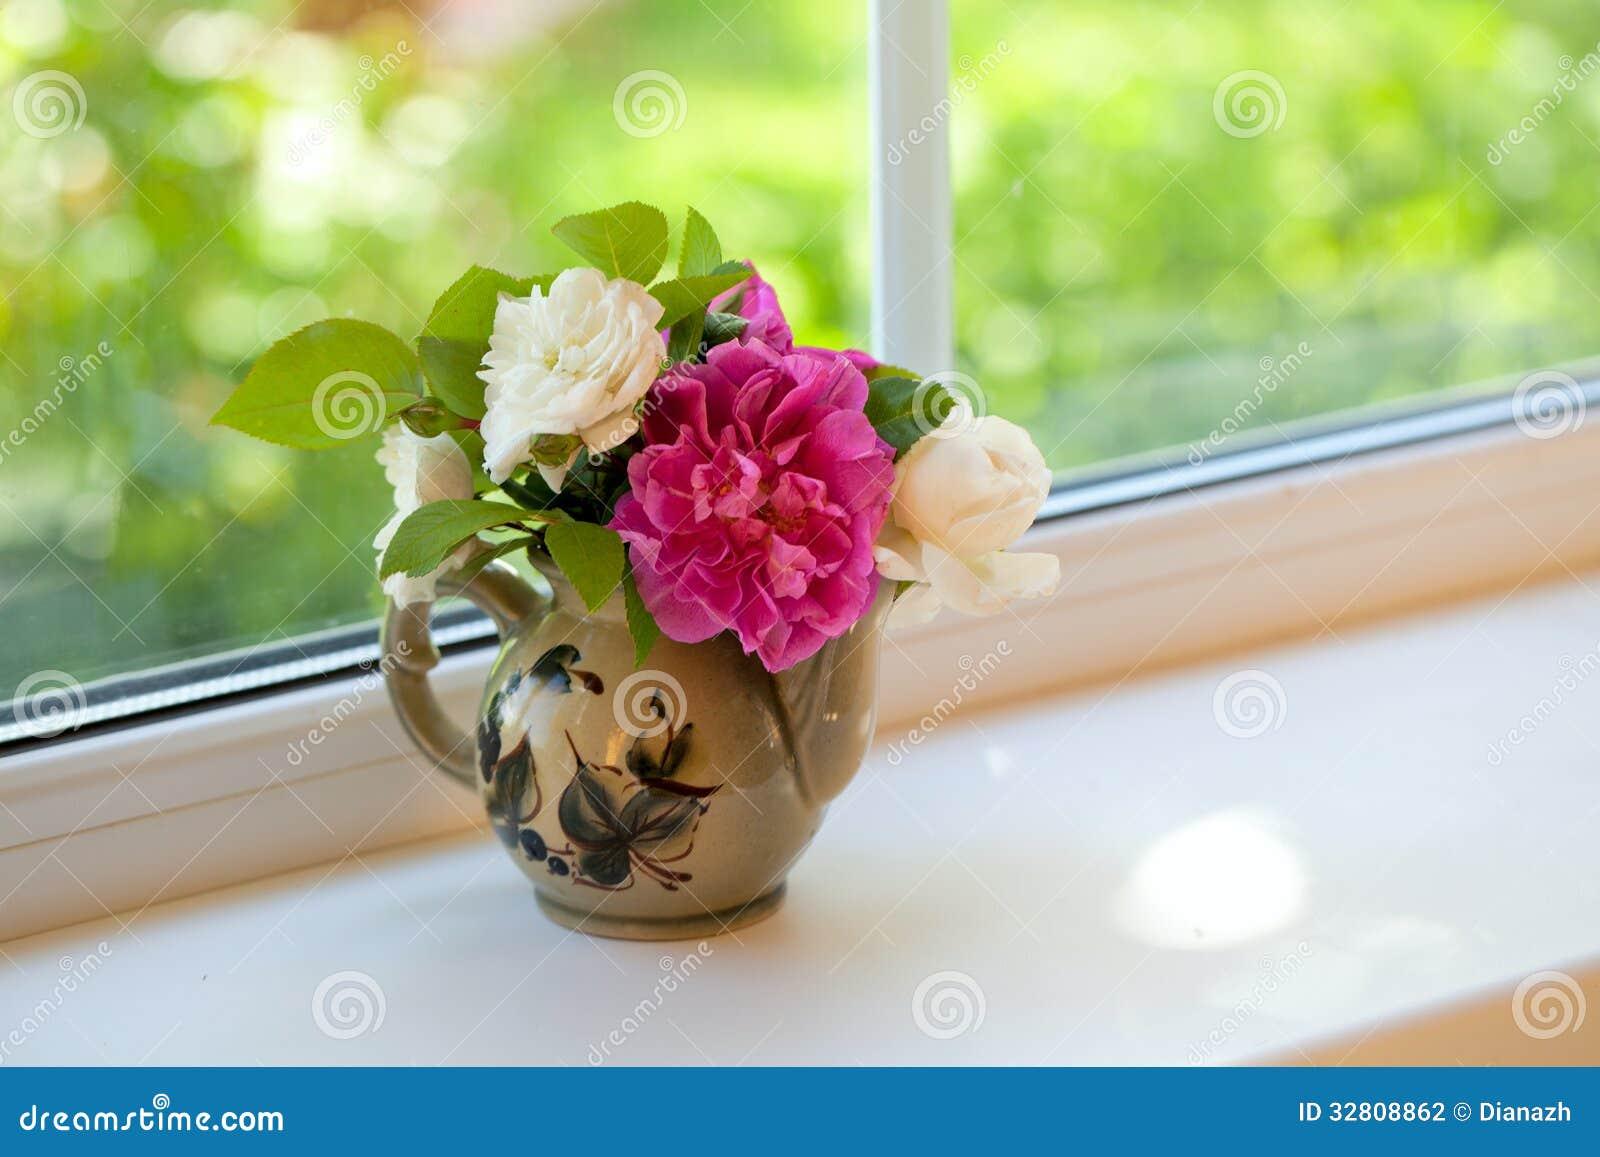 Fiori sul davanzale della finestra fotografia stock immagine di colore luce 32808862 - Fiori da finestra ...